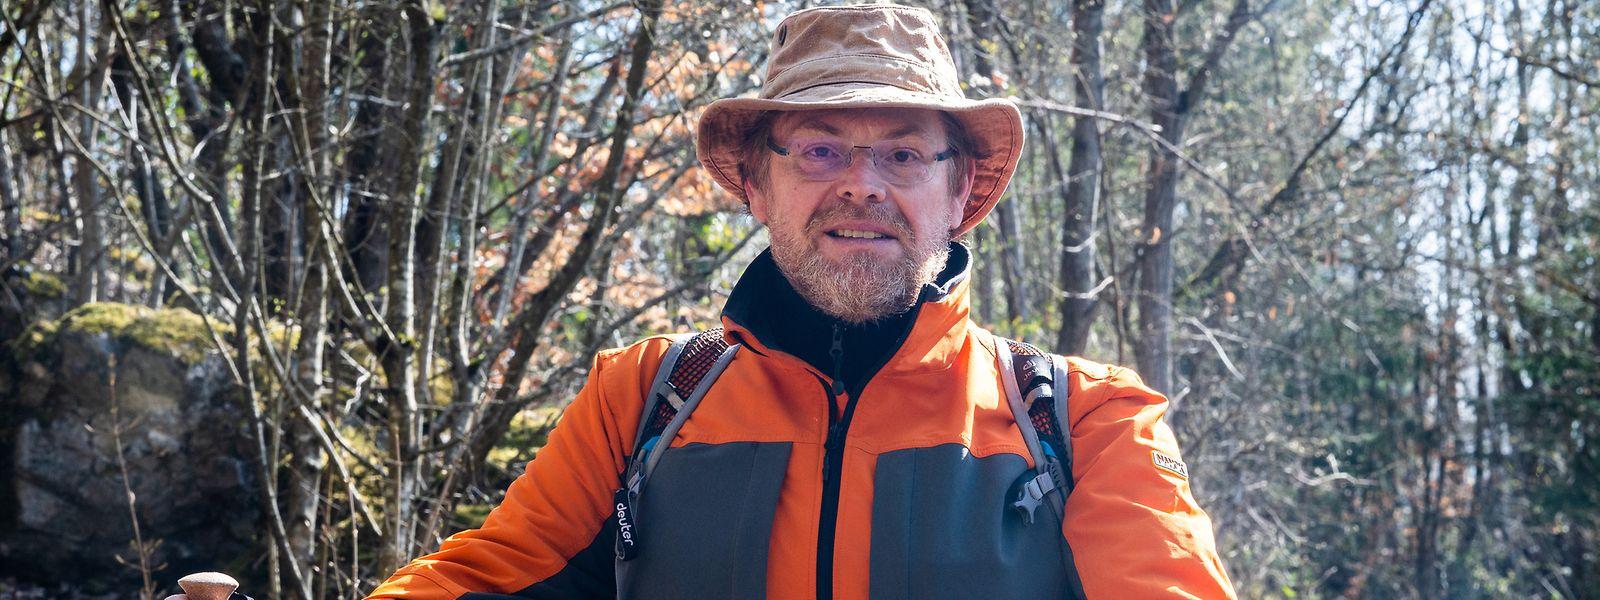 Steve Gaffiné hat zu Beginn der Pandemie durch digitale Wanderveranstaltungen seine alte Leidenschaft wiederentdeckt. 2020 ist er 563 Kilometer gewandert, in diesem Jahr bis jetzt schon mehr als 600.